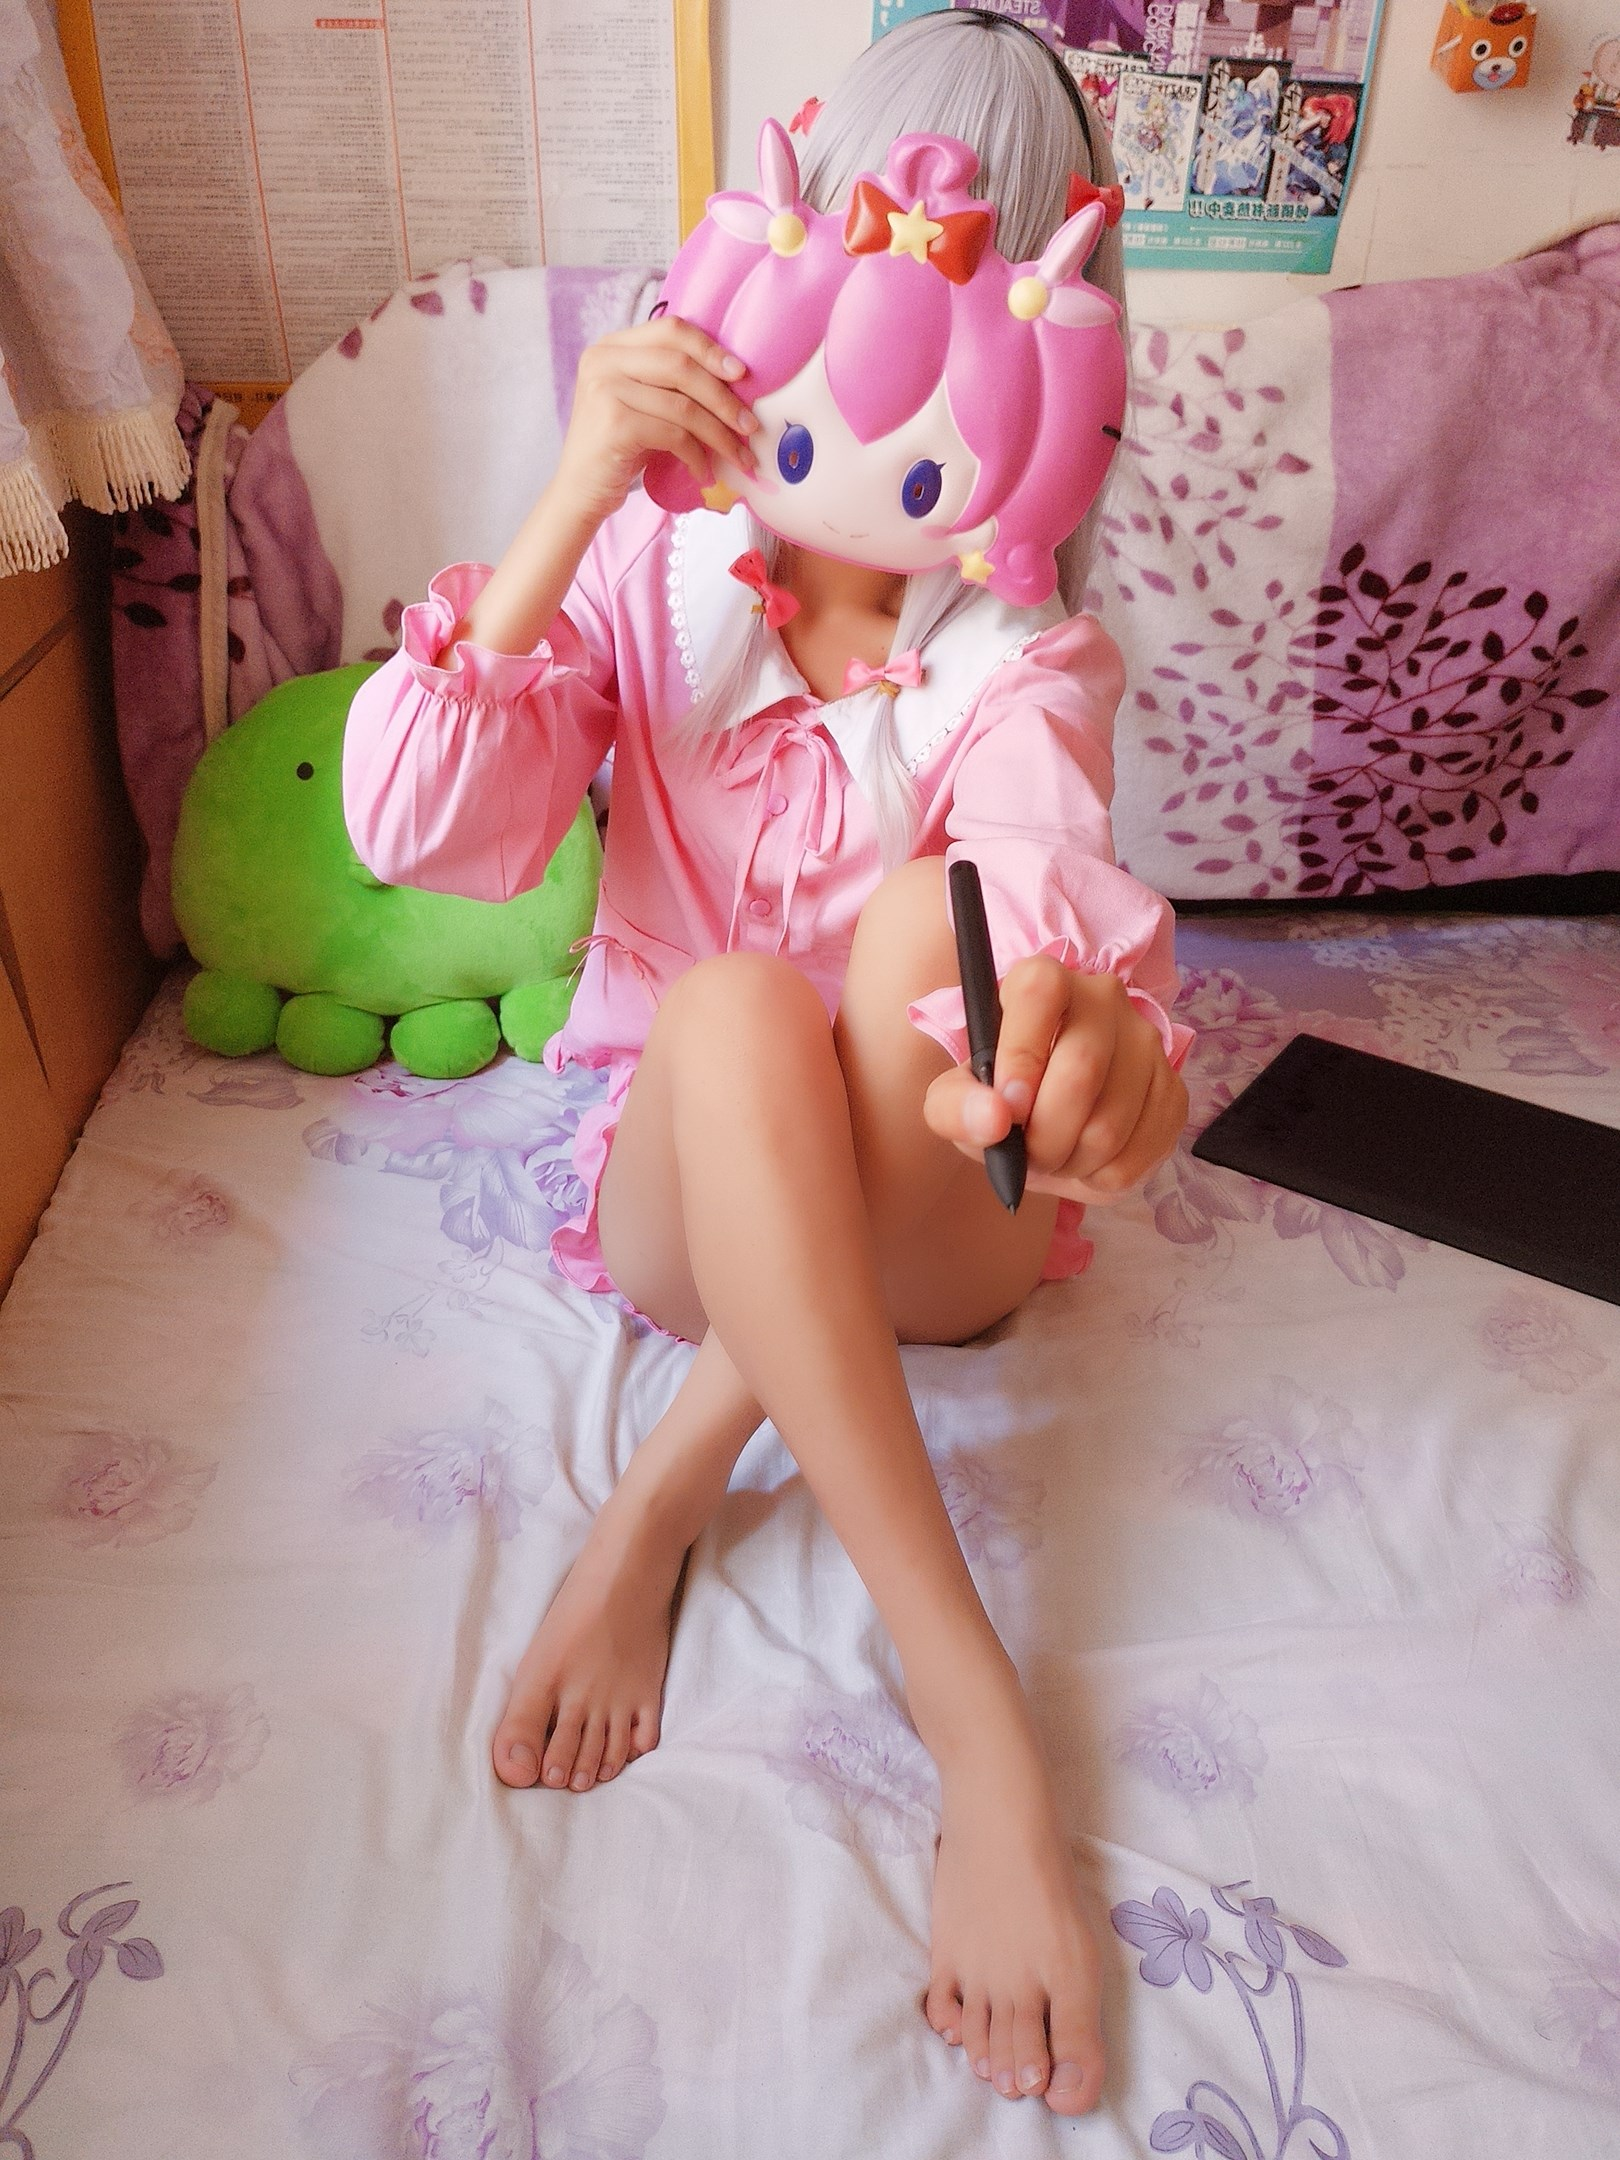 【兔玩映画】萝莉的果腿 兔玩映画 第32张